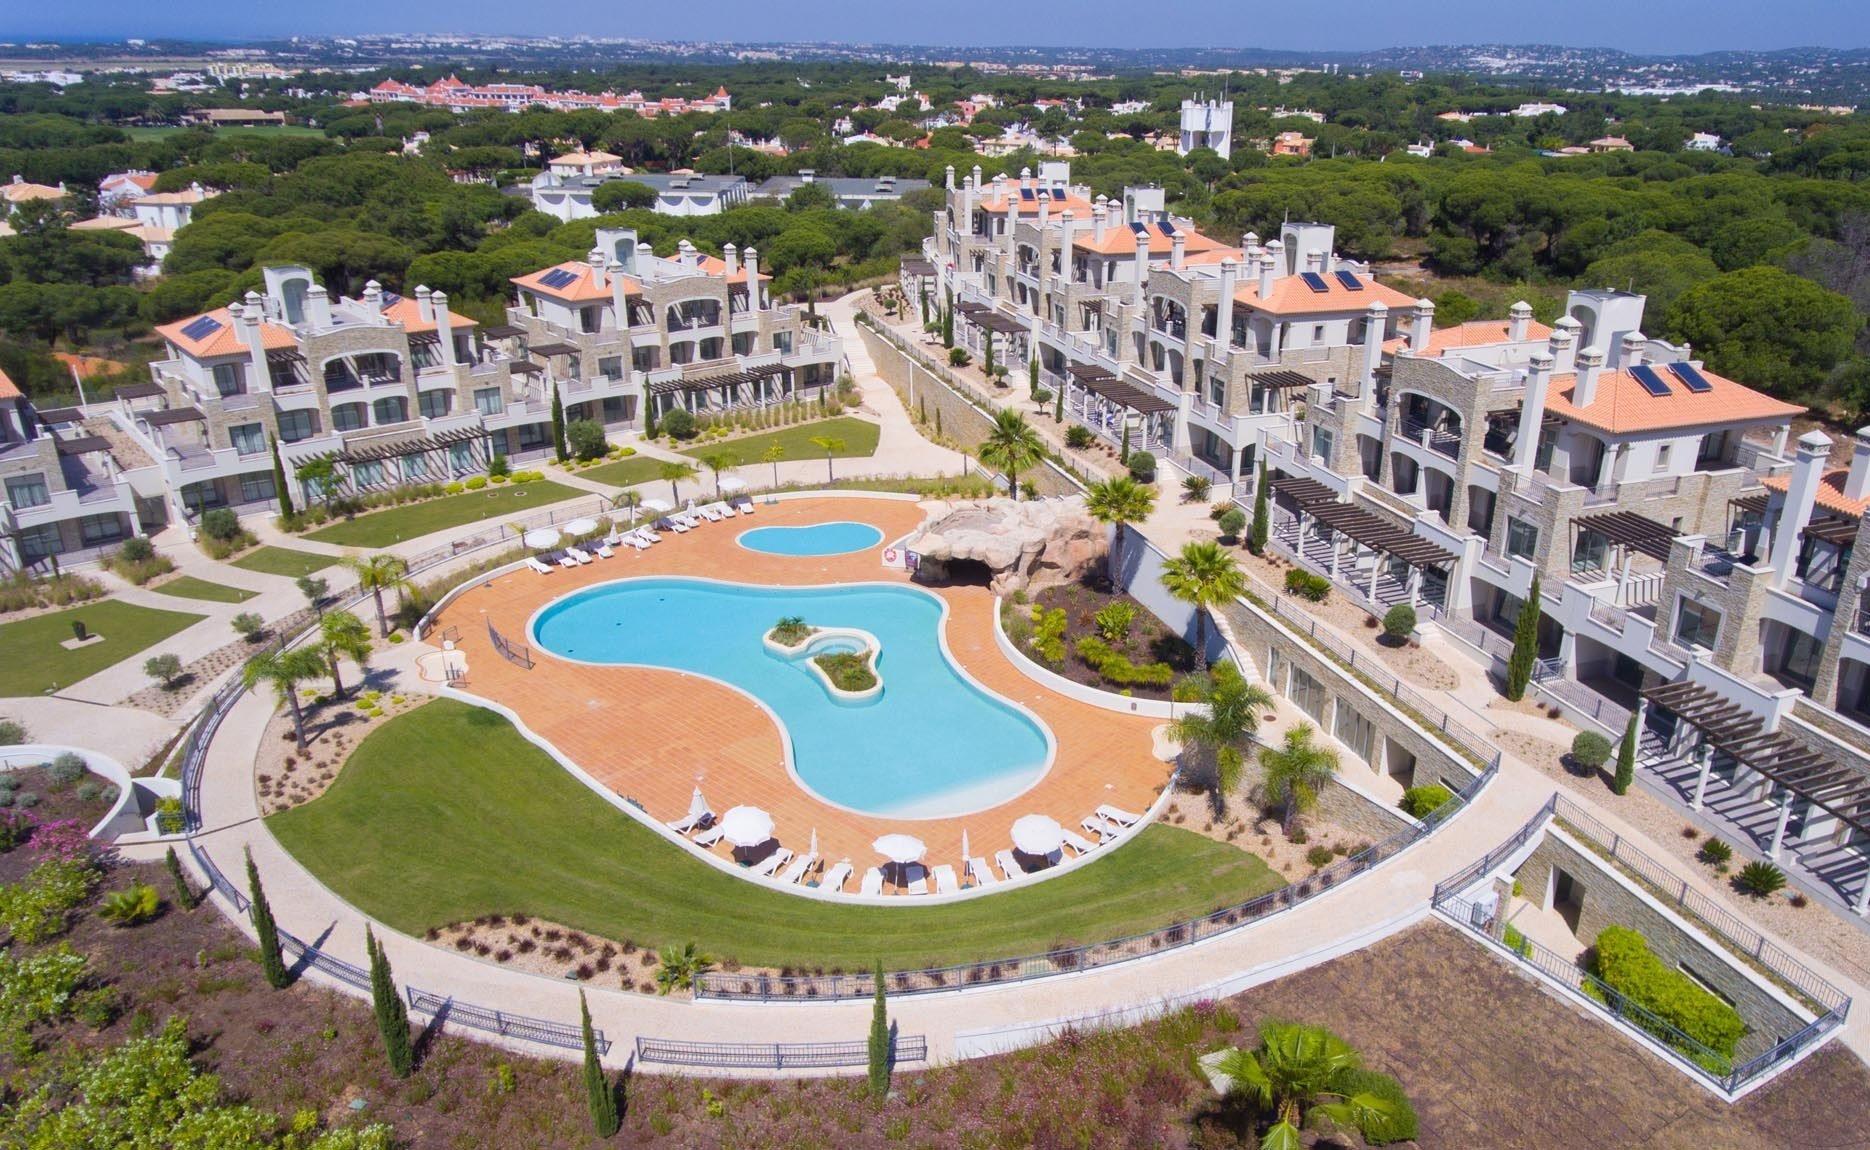 3 Bedroom Apartment Vilamoura, Central Algarve Ref: MA23443B